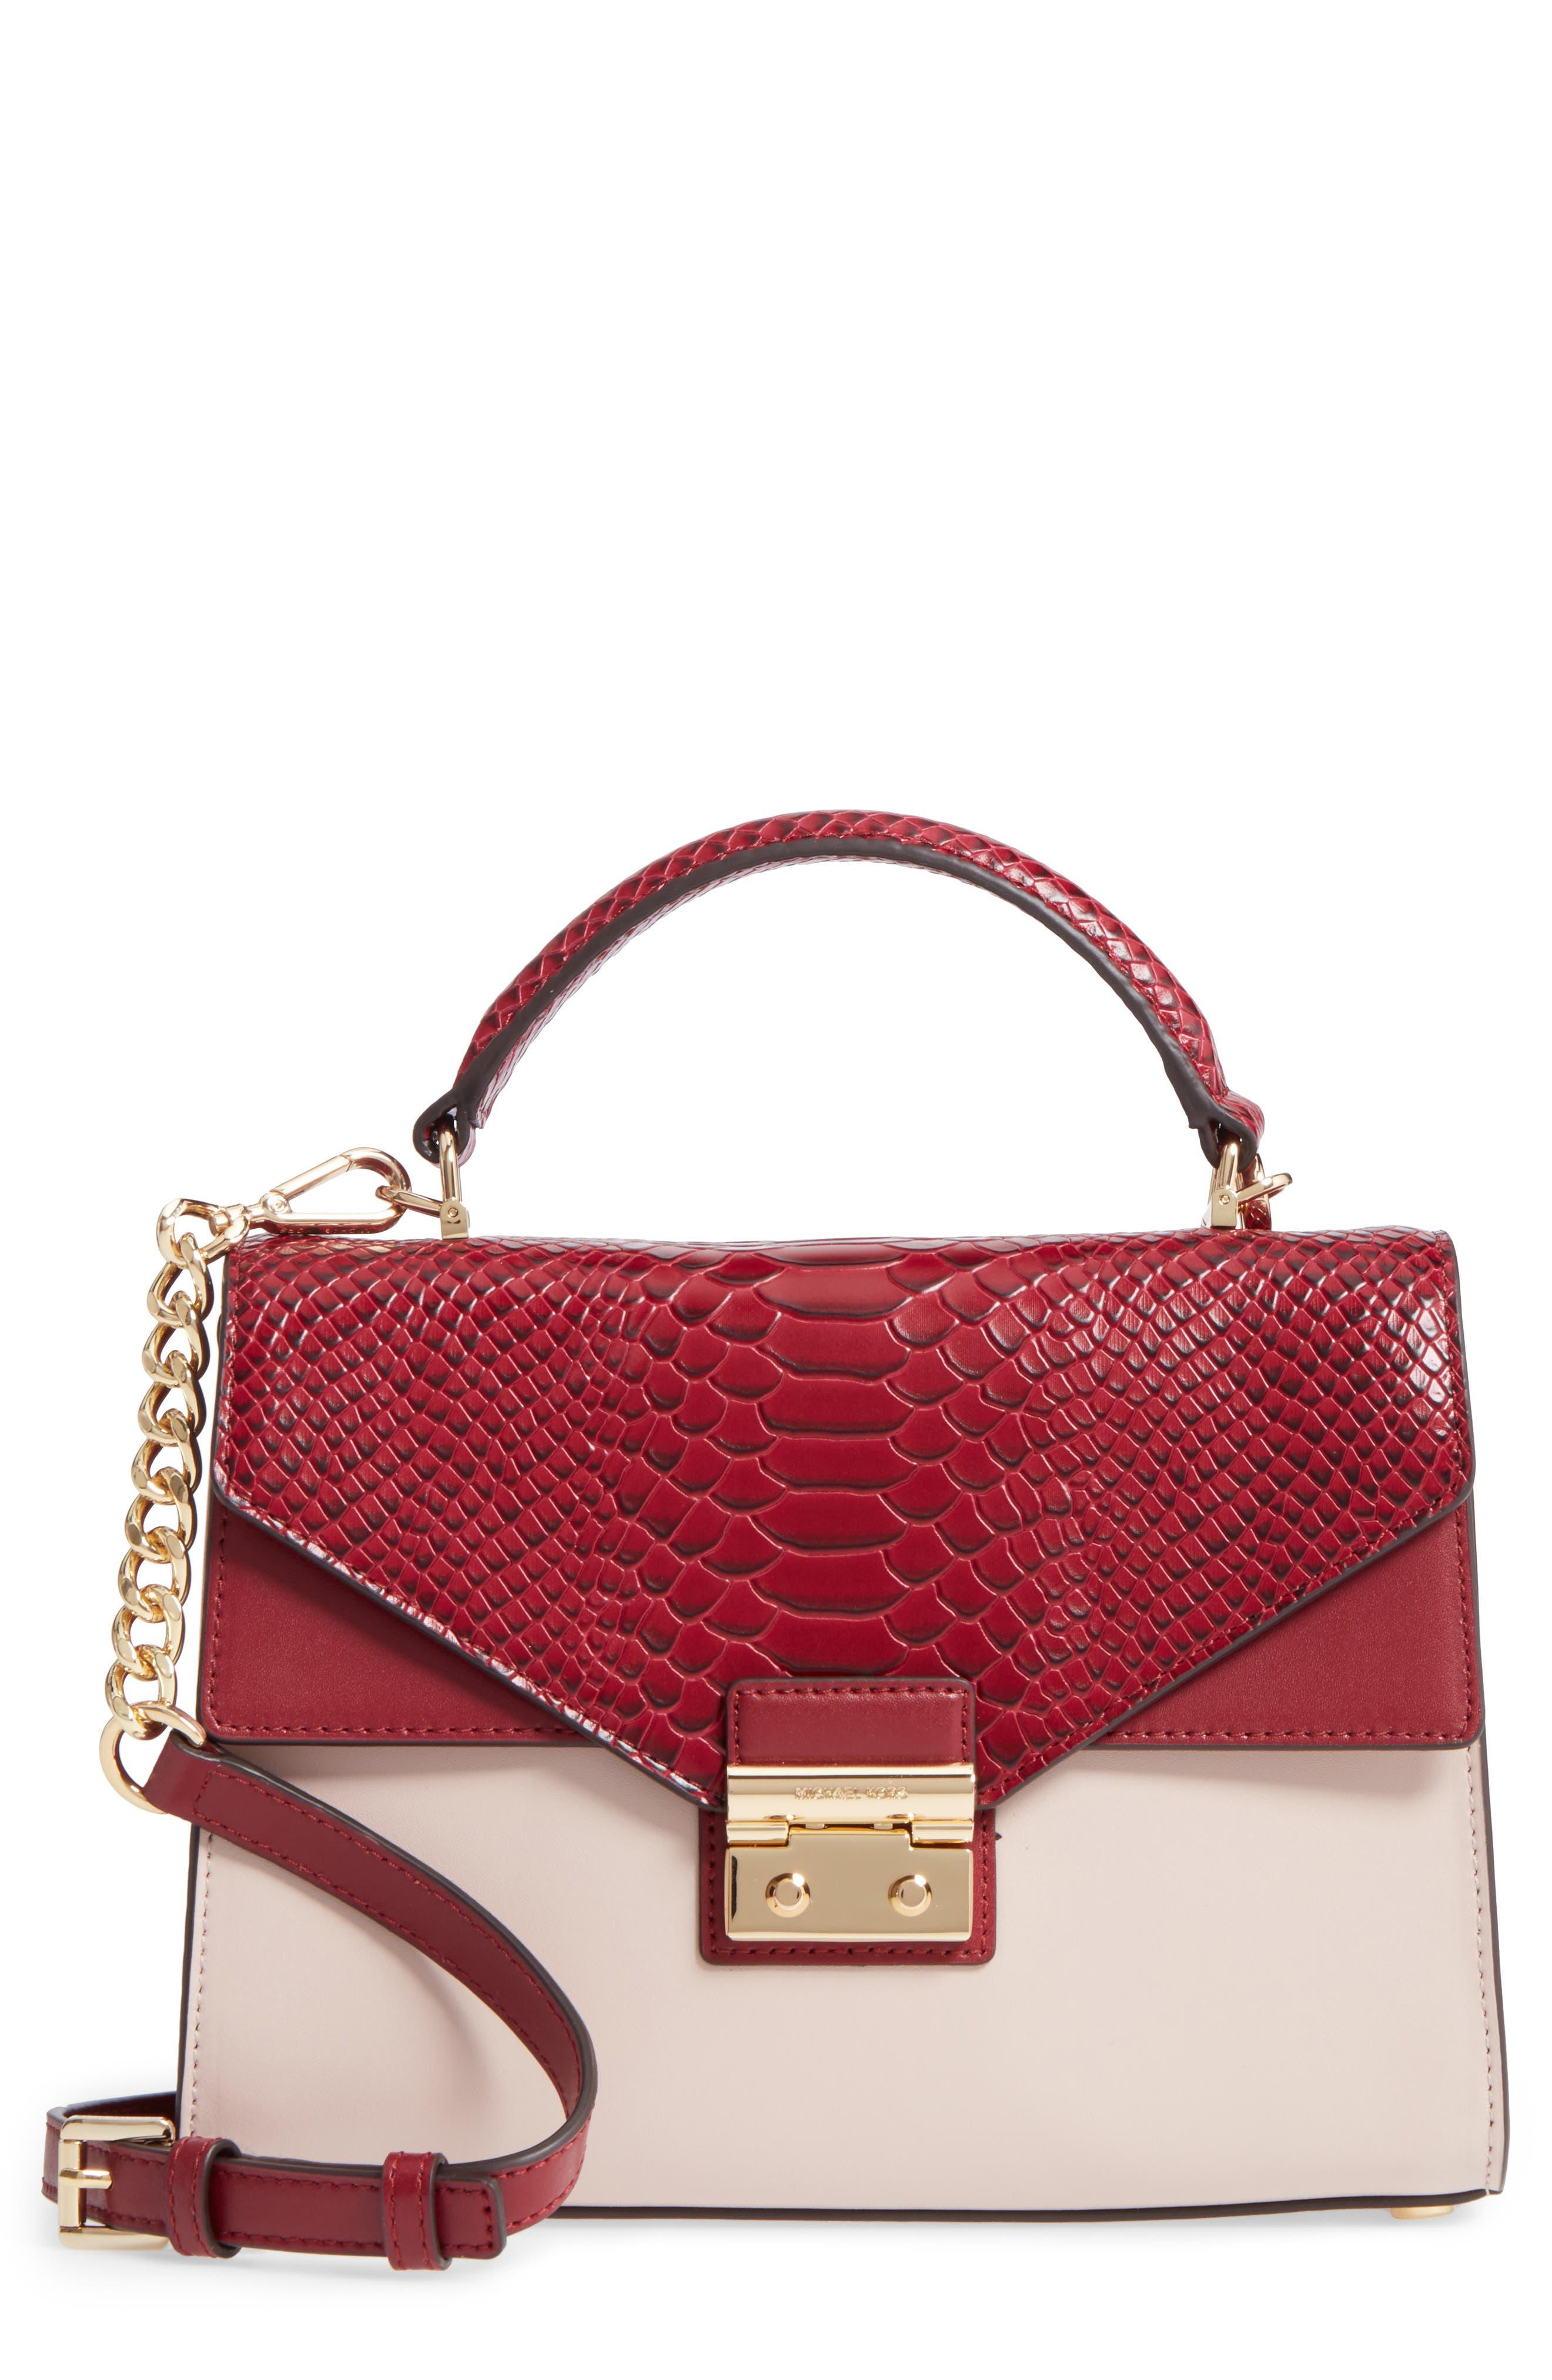 Medium Sloan Leather Shoulder Bag,                         Main,                         color, 686